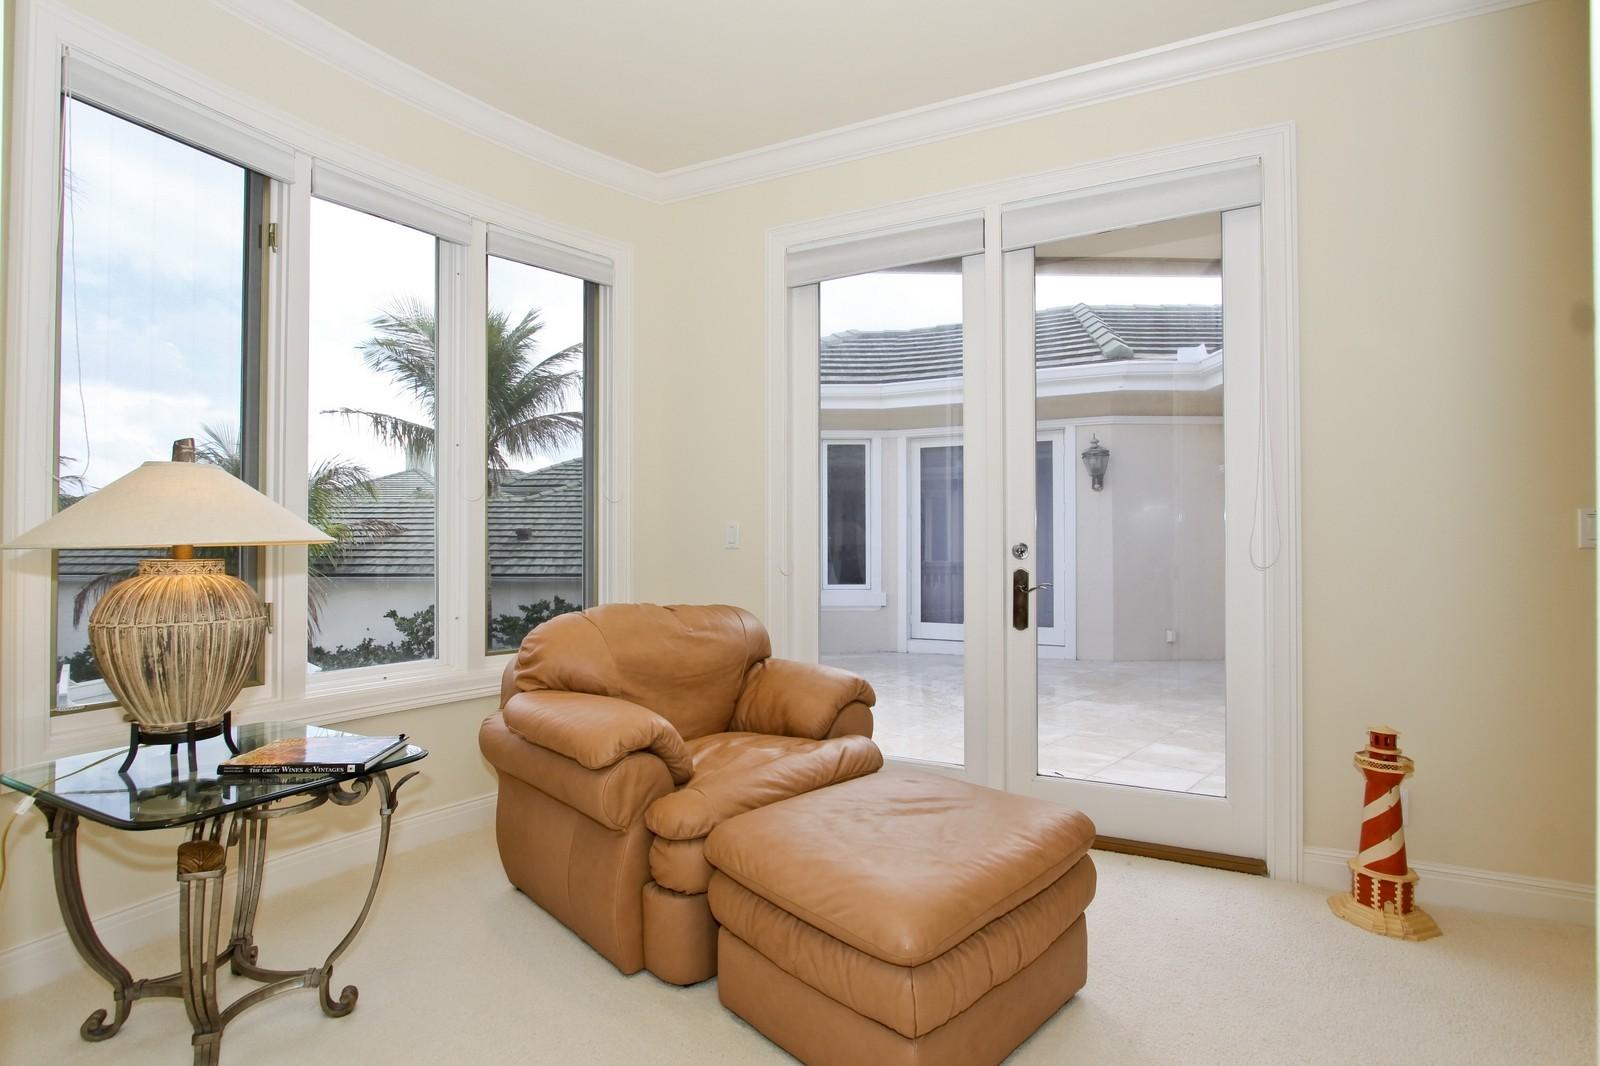 Real Estate Photography - 3527 Jonathans Harbour Dr, Jupiter, FL, 33477 - Master Bedroom Sitting Room